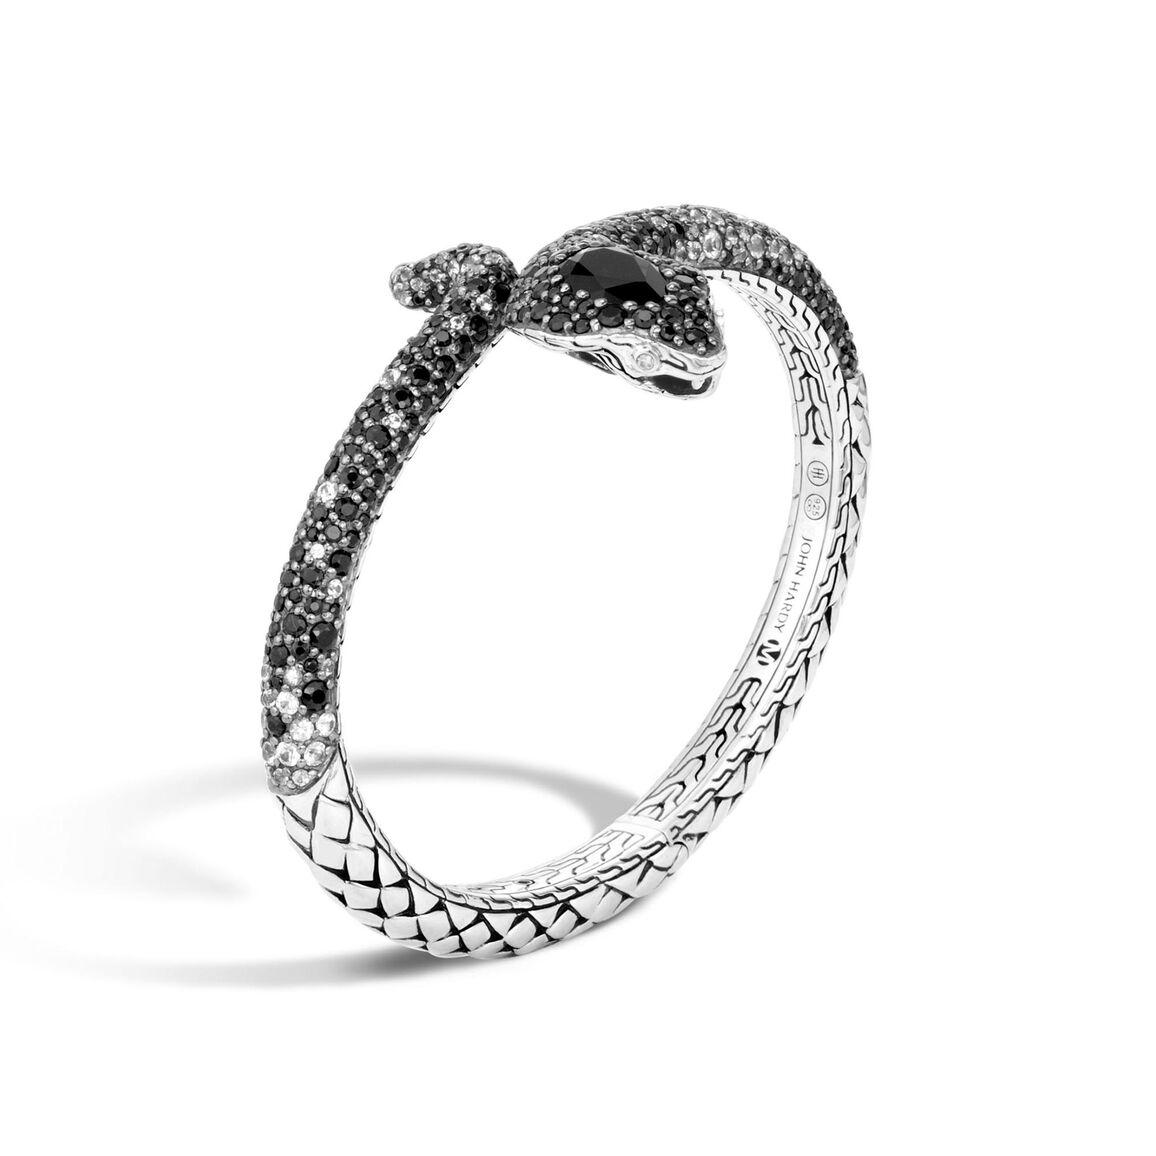 Legends Cobra Kick Cuff in Silver with Gemstone